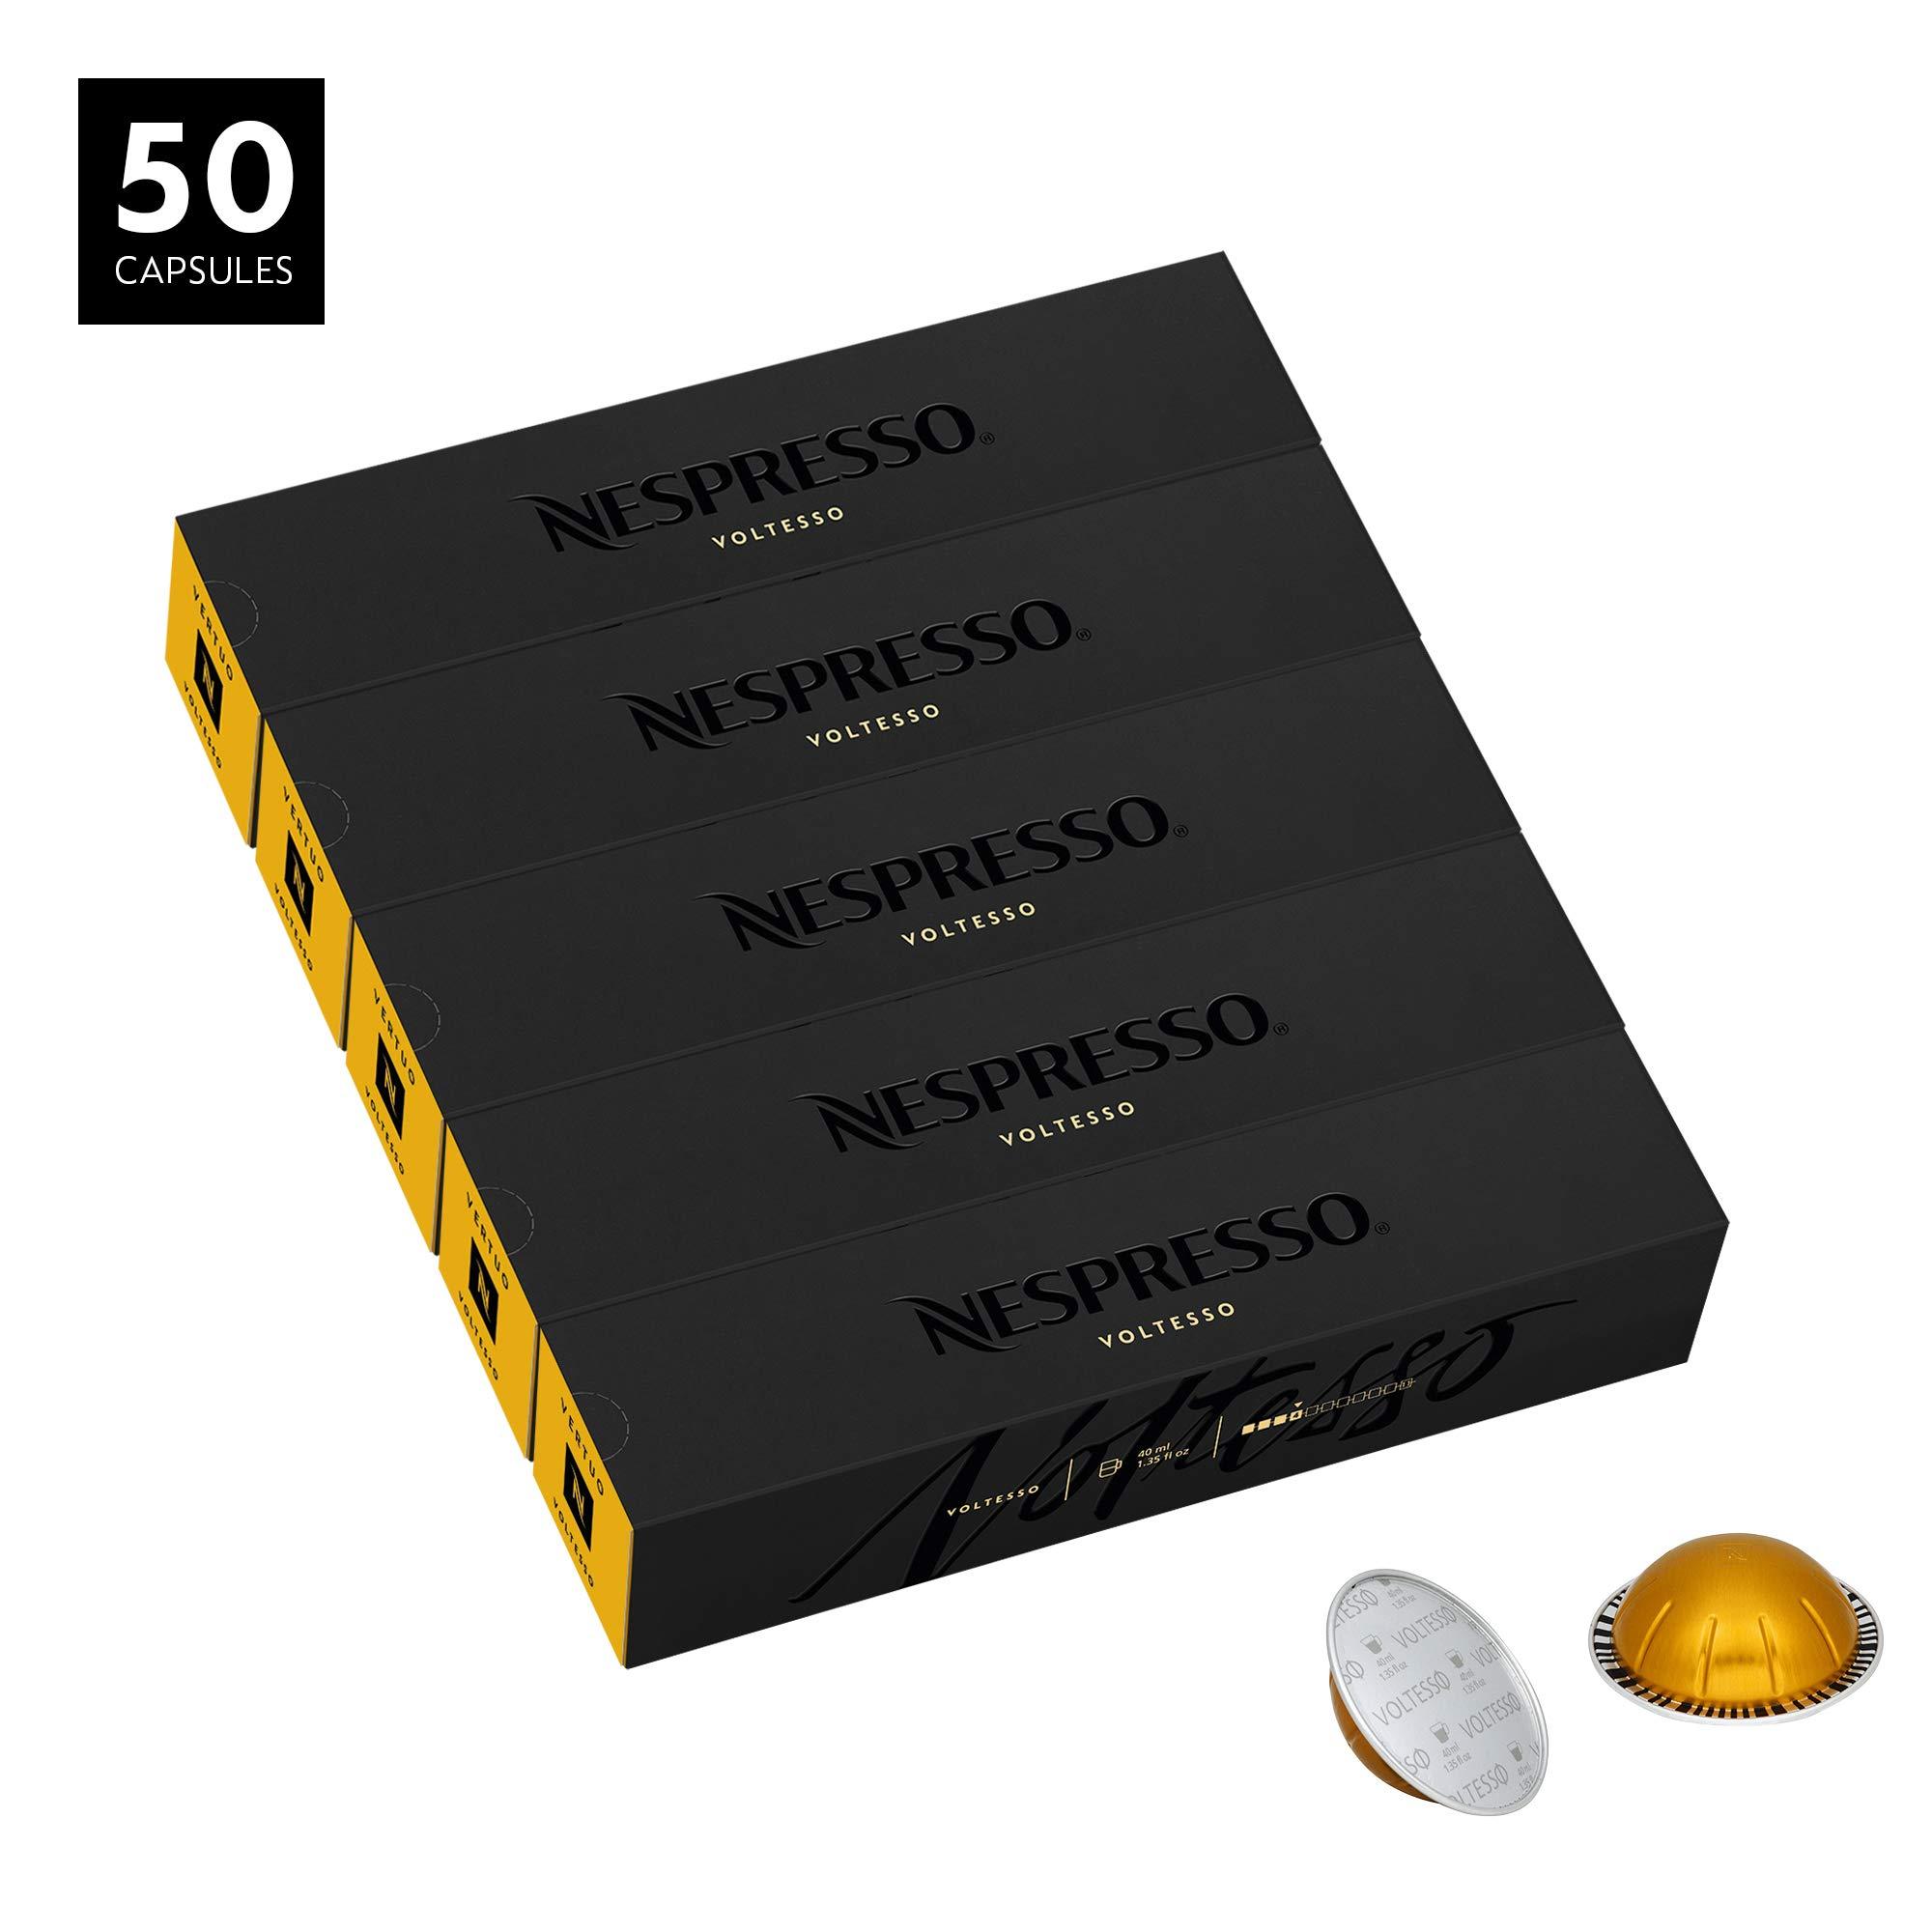 Nespresso VertuoLine Espresso, Voltesso, 50 Capsules